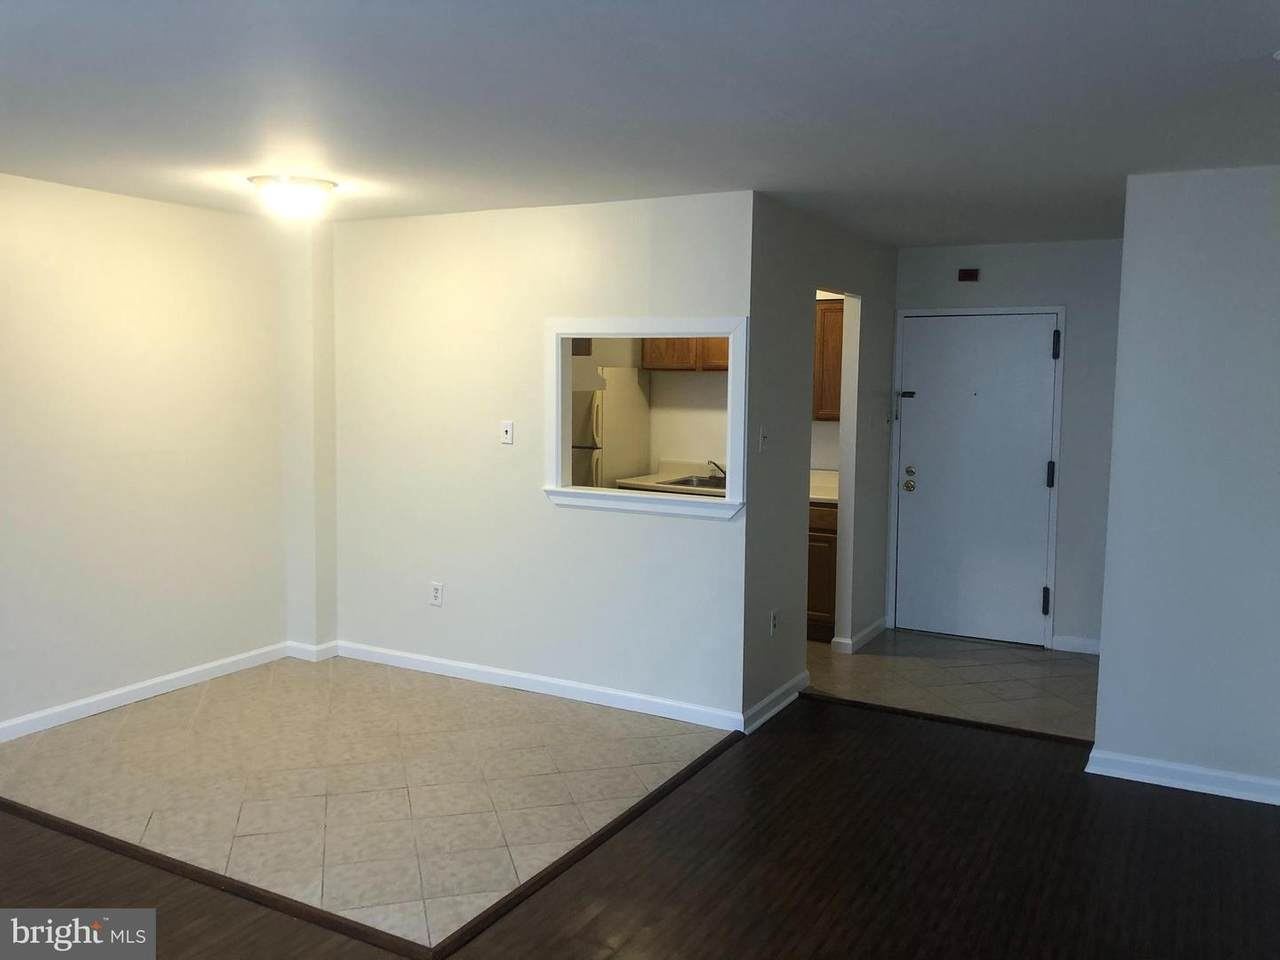 4901-37 Stenton Avenue - Photo 1